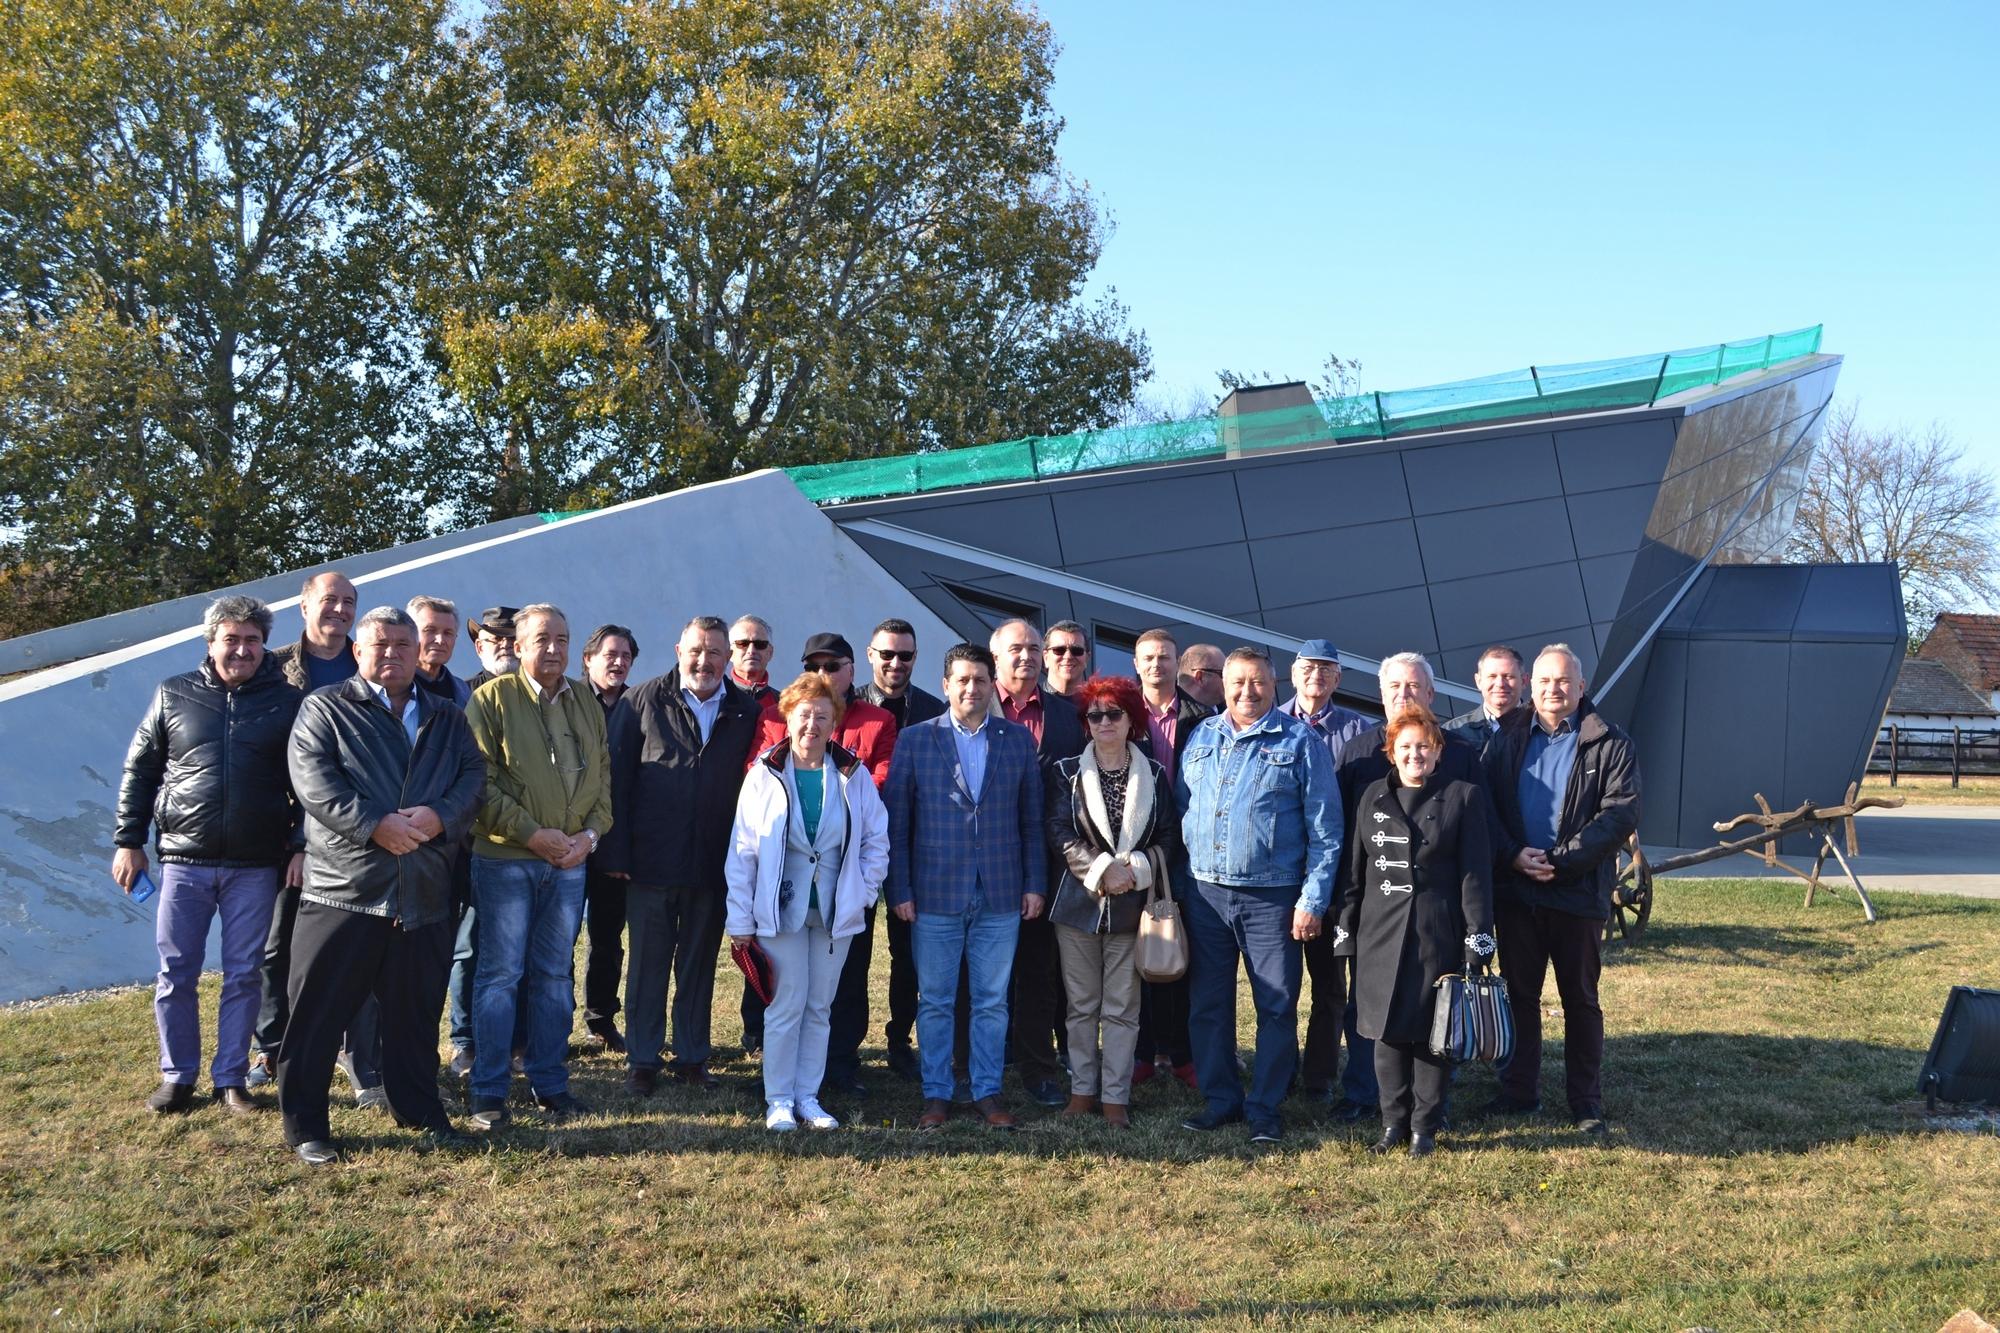 Delegaţie româno-maghiară, în vizită la Pecica